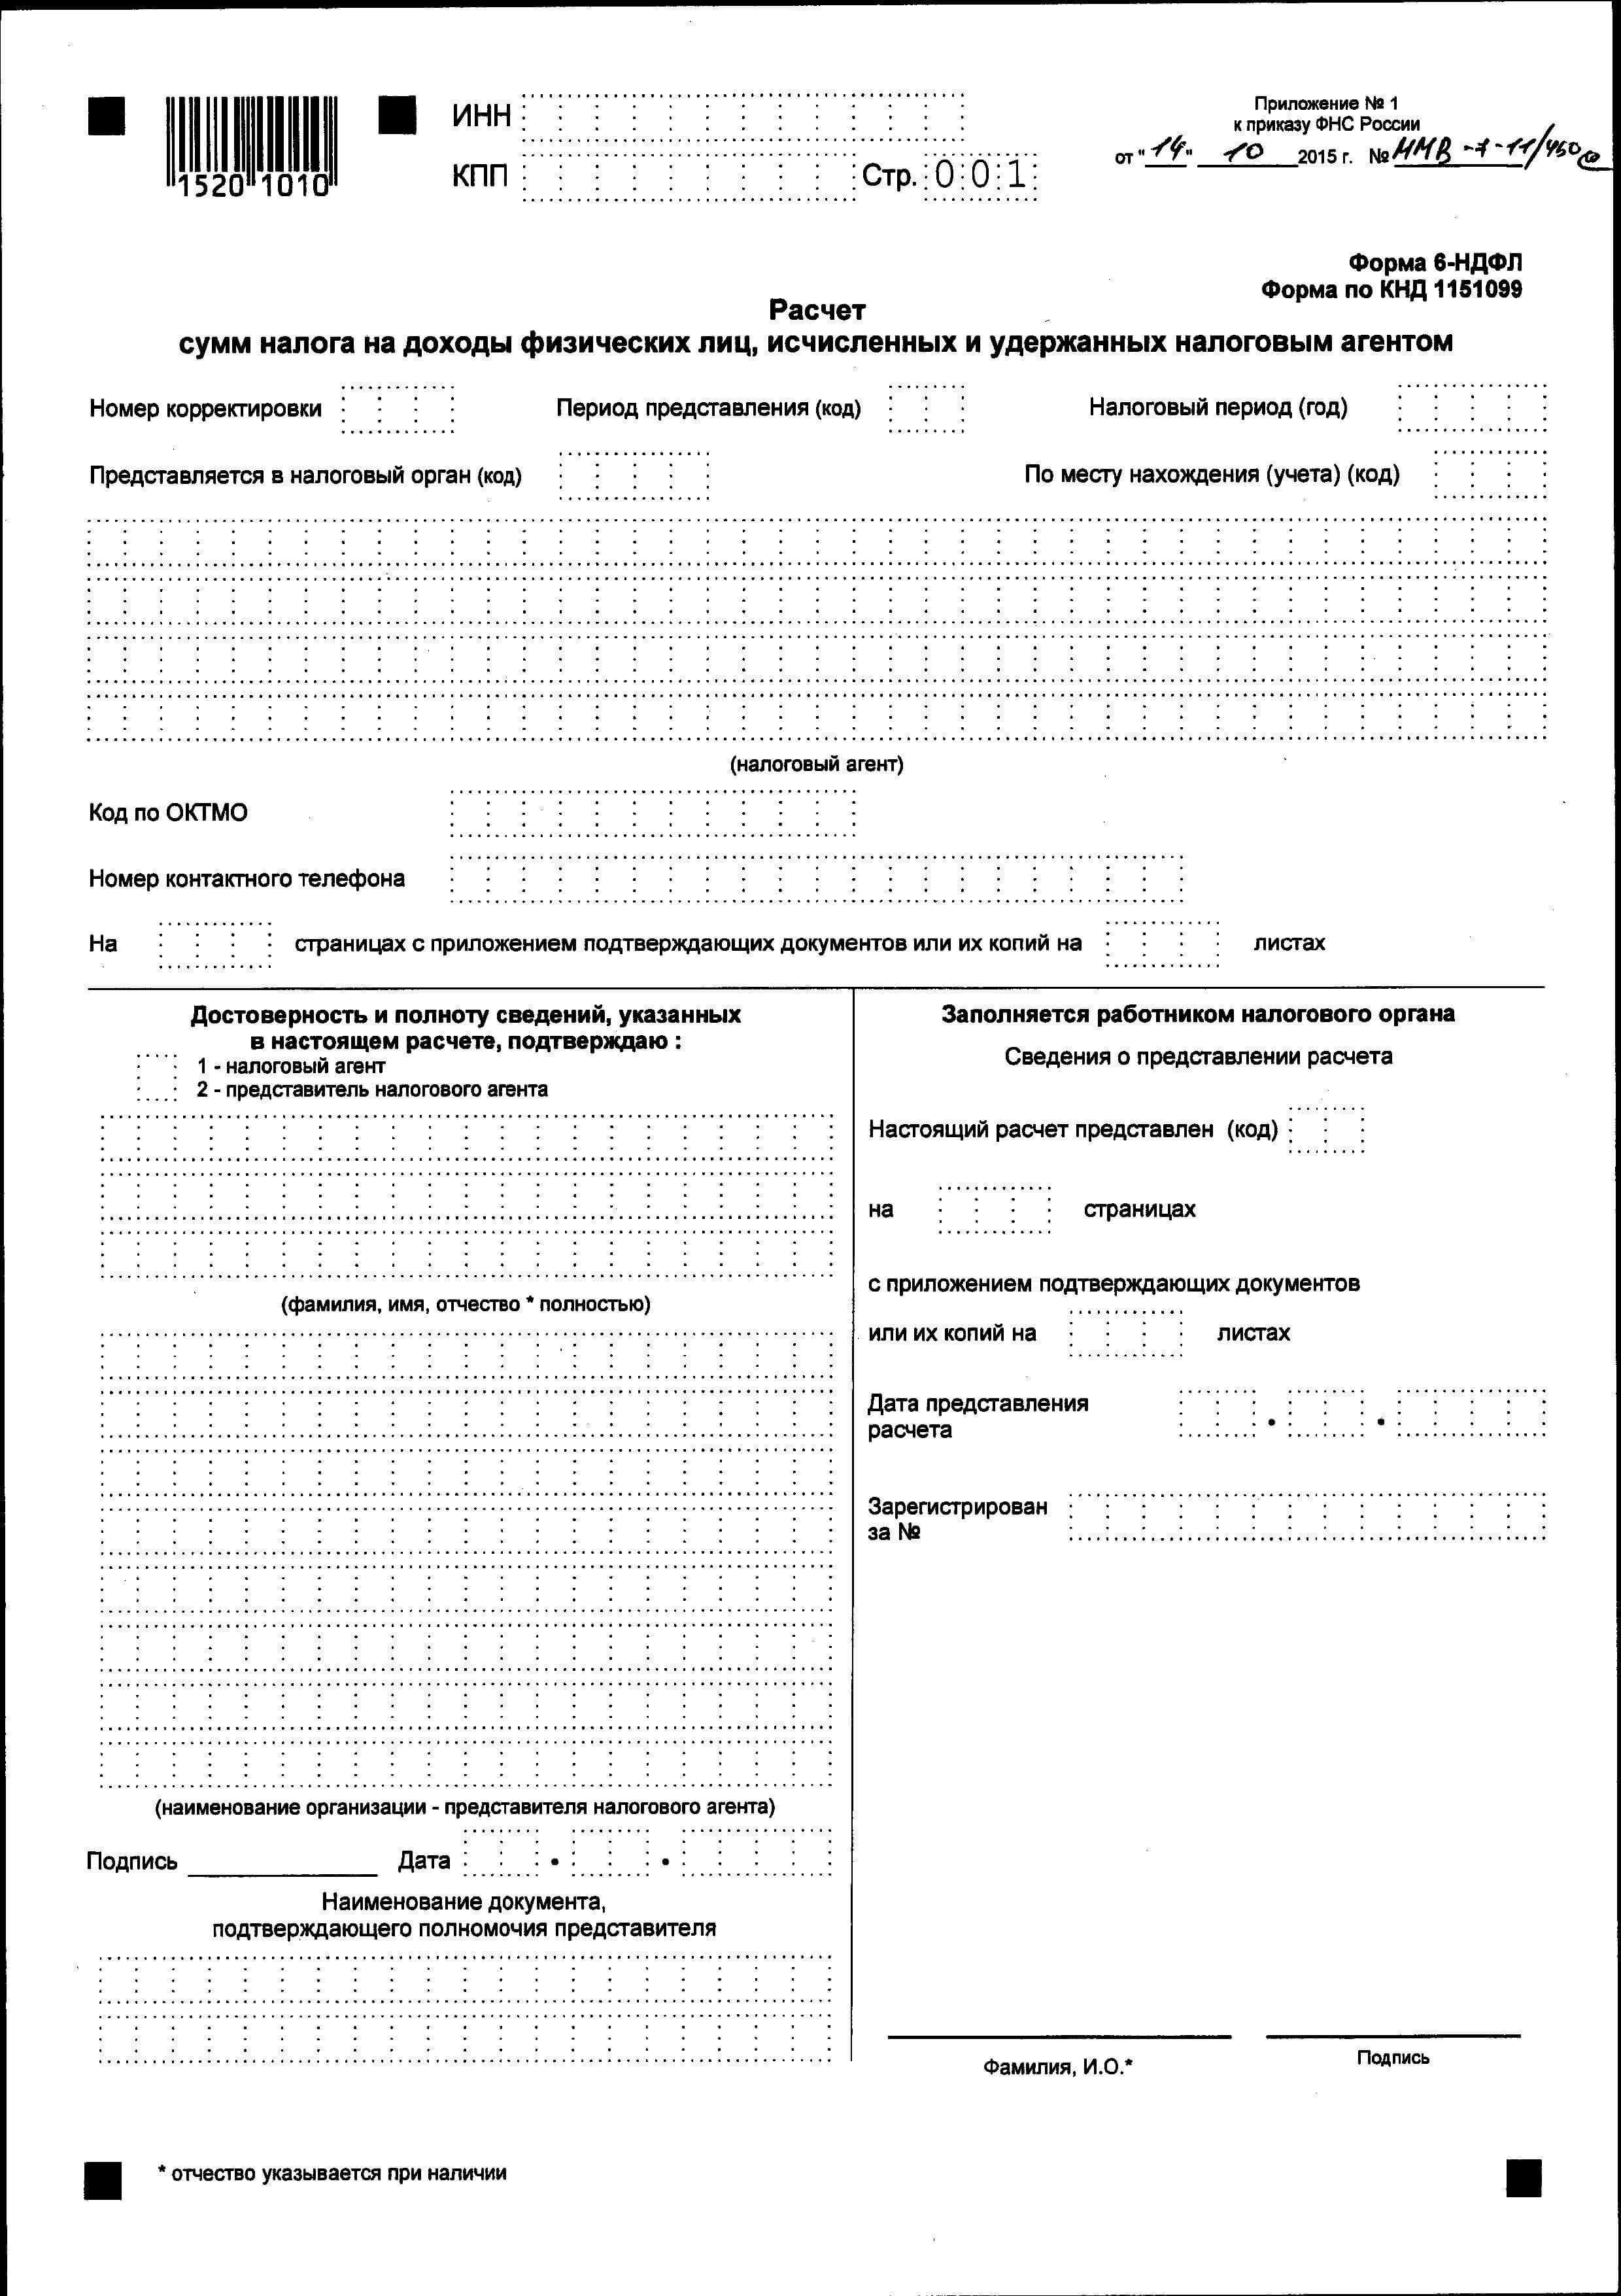 Бланки Бухгалтерских Документов Скачать Бесплатно